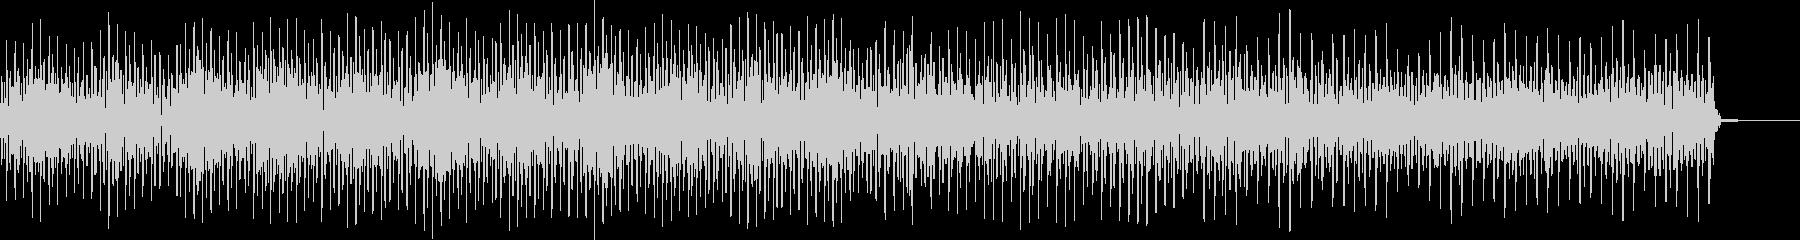 AMGアナログFX 24の未再生の波形